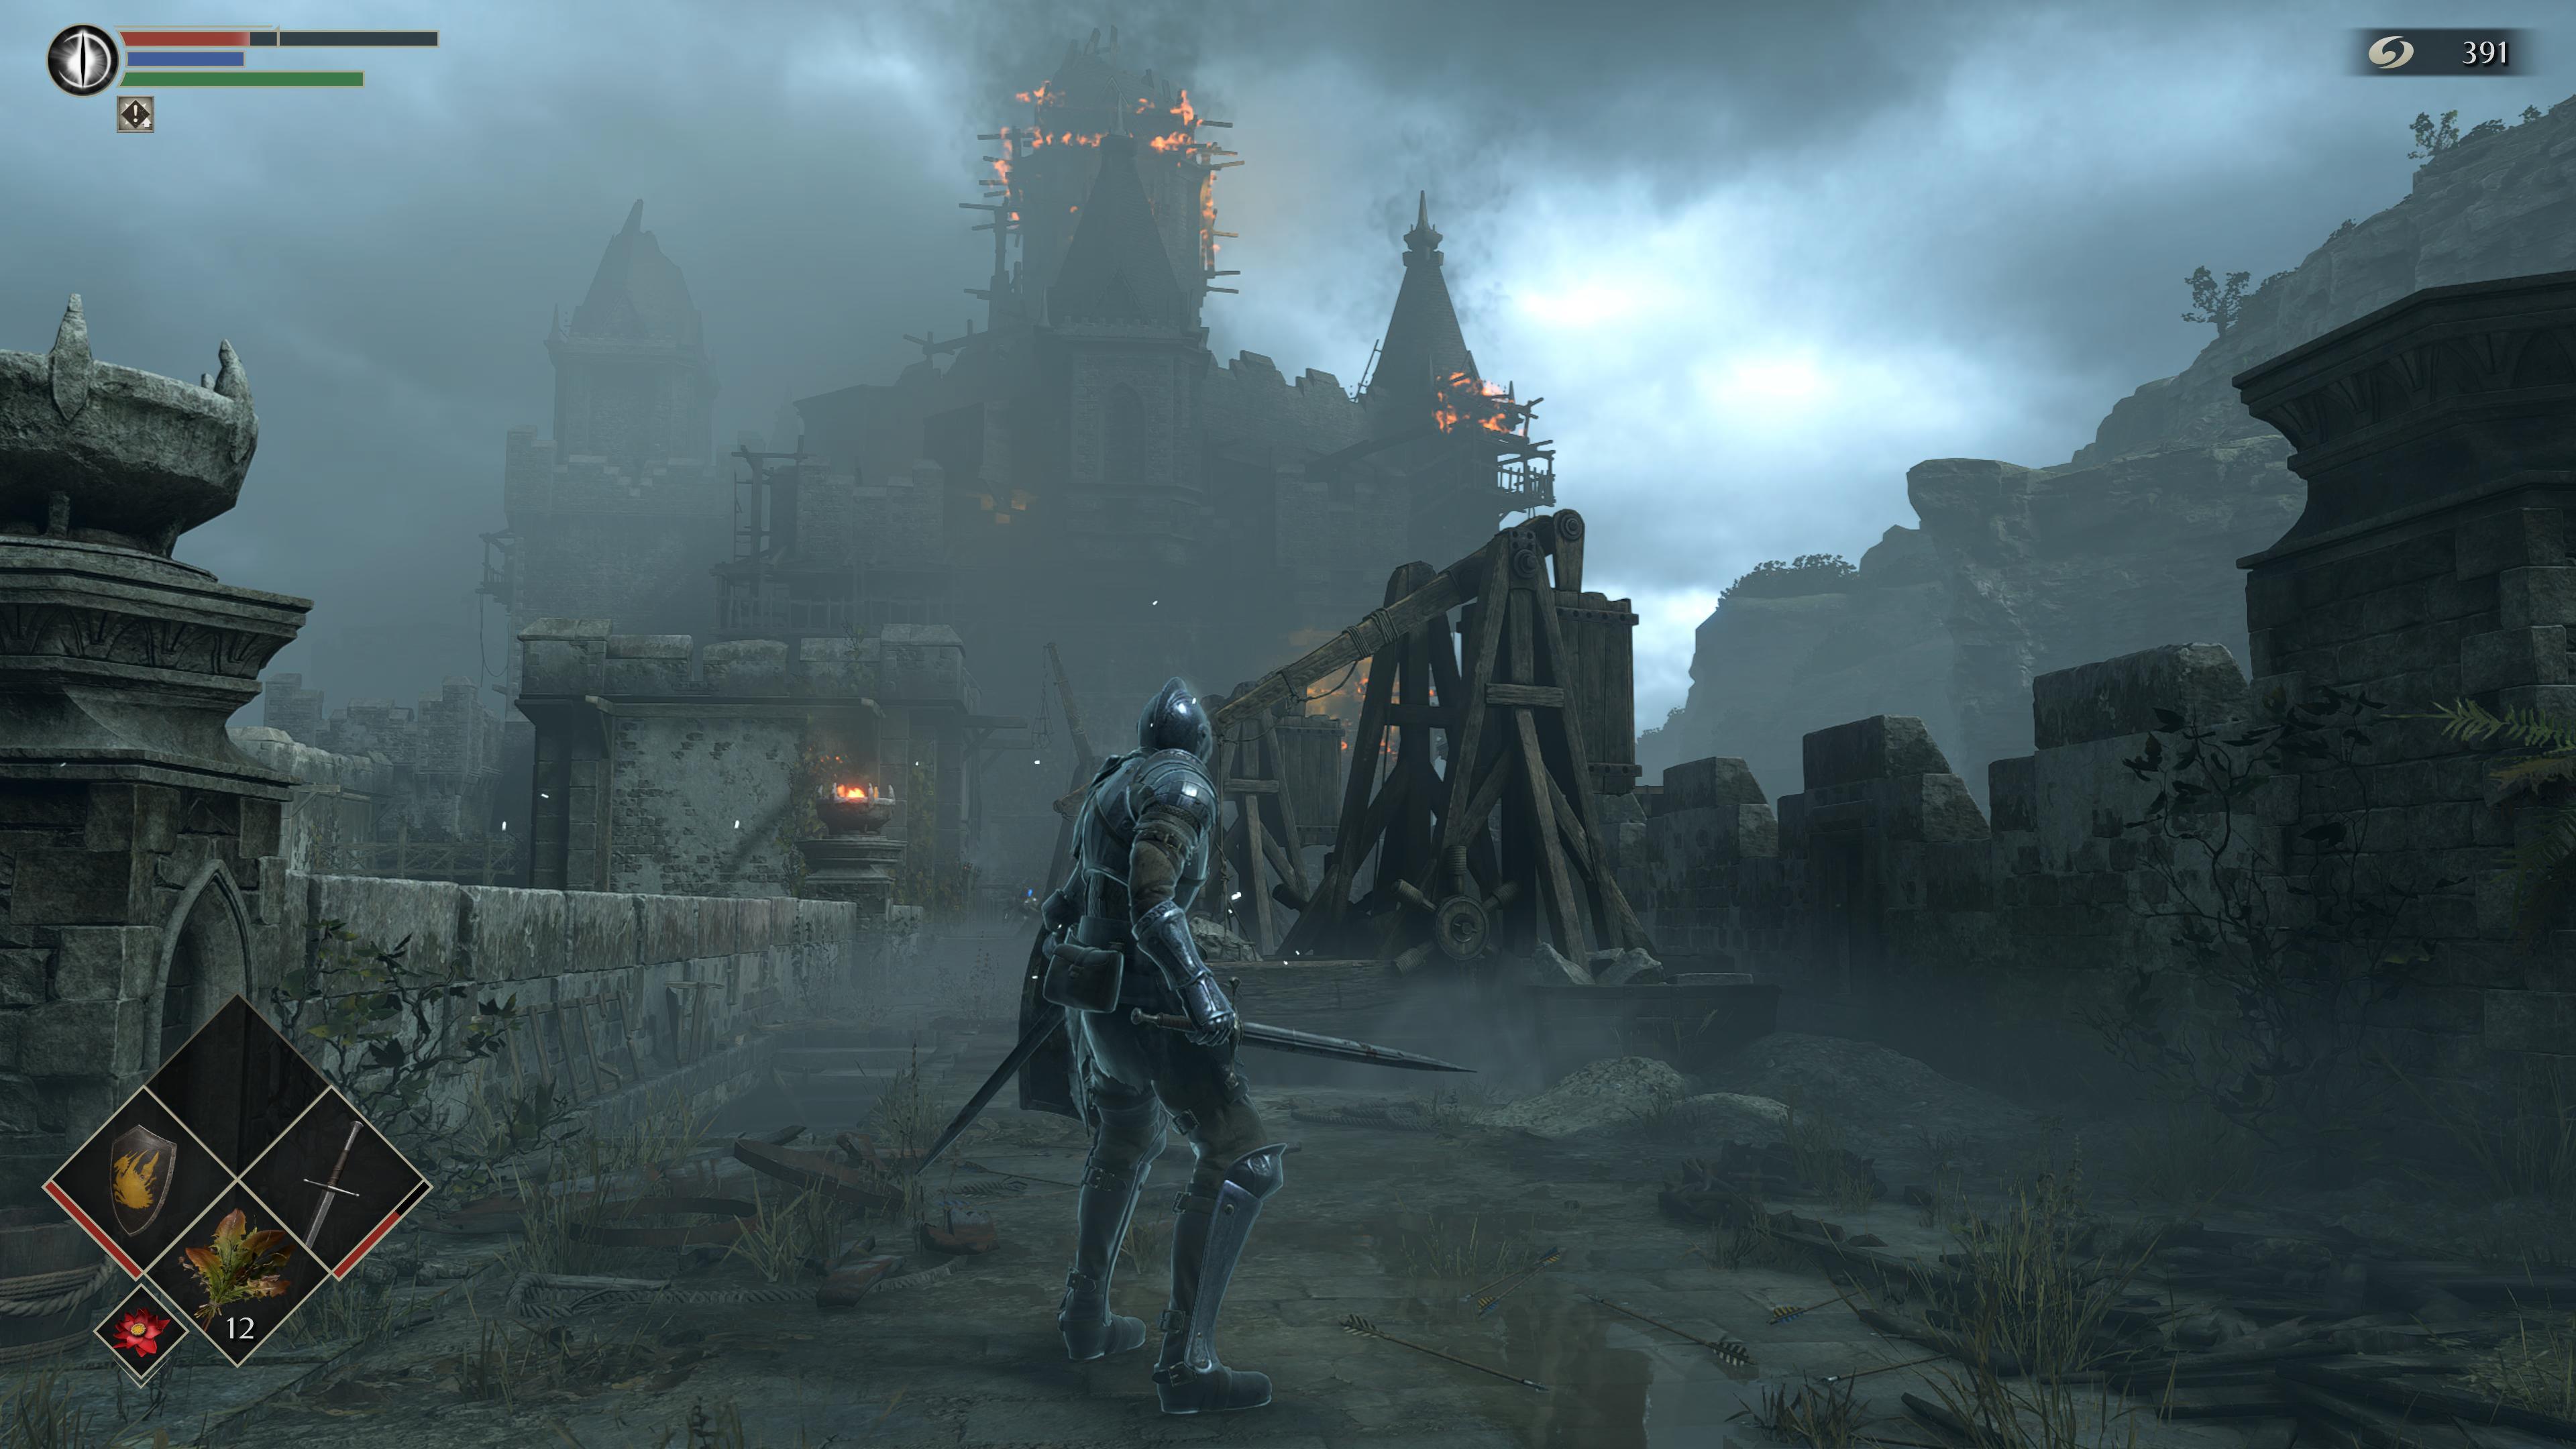 <em>Demon's Souls</em> for PS5 is a gorgeous remake of a landmark action-RPG.